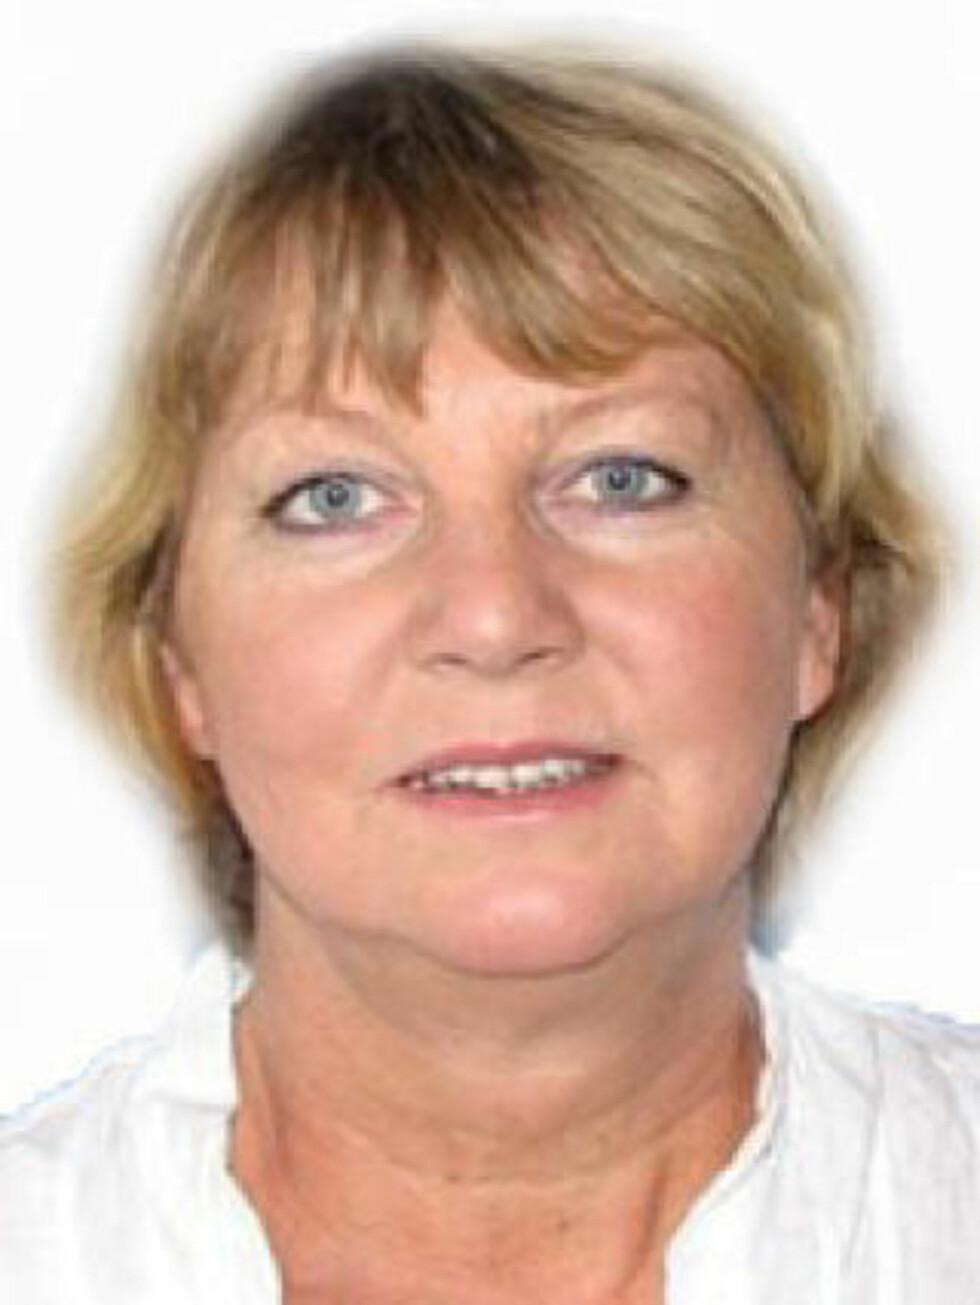 UENIG: Karin Rønning, overlege ved Folkehelseinstituttet, mener Andersen har ganske avvikende holdninger.